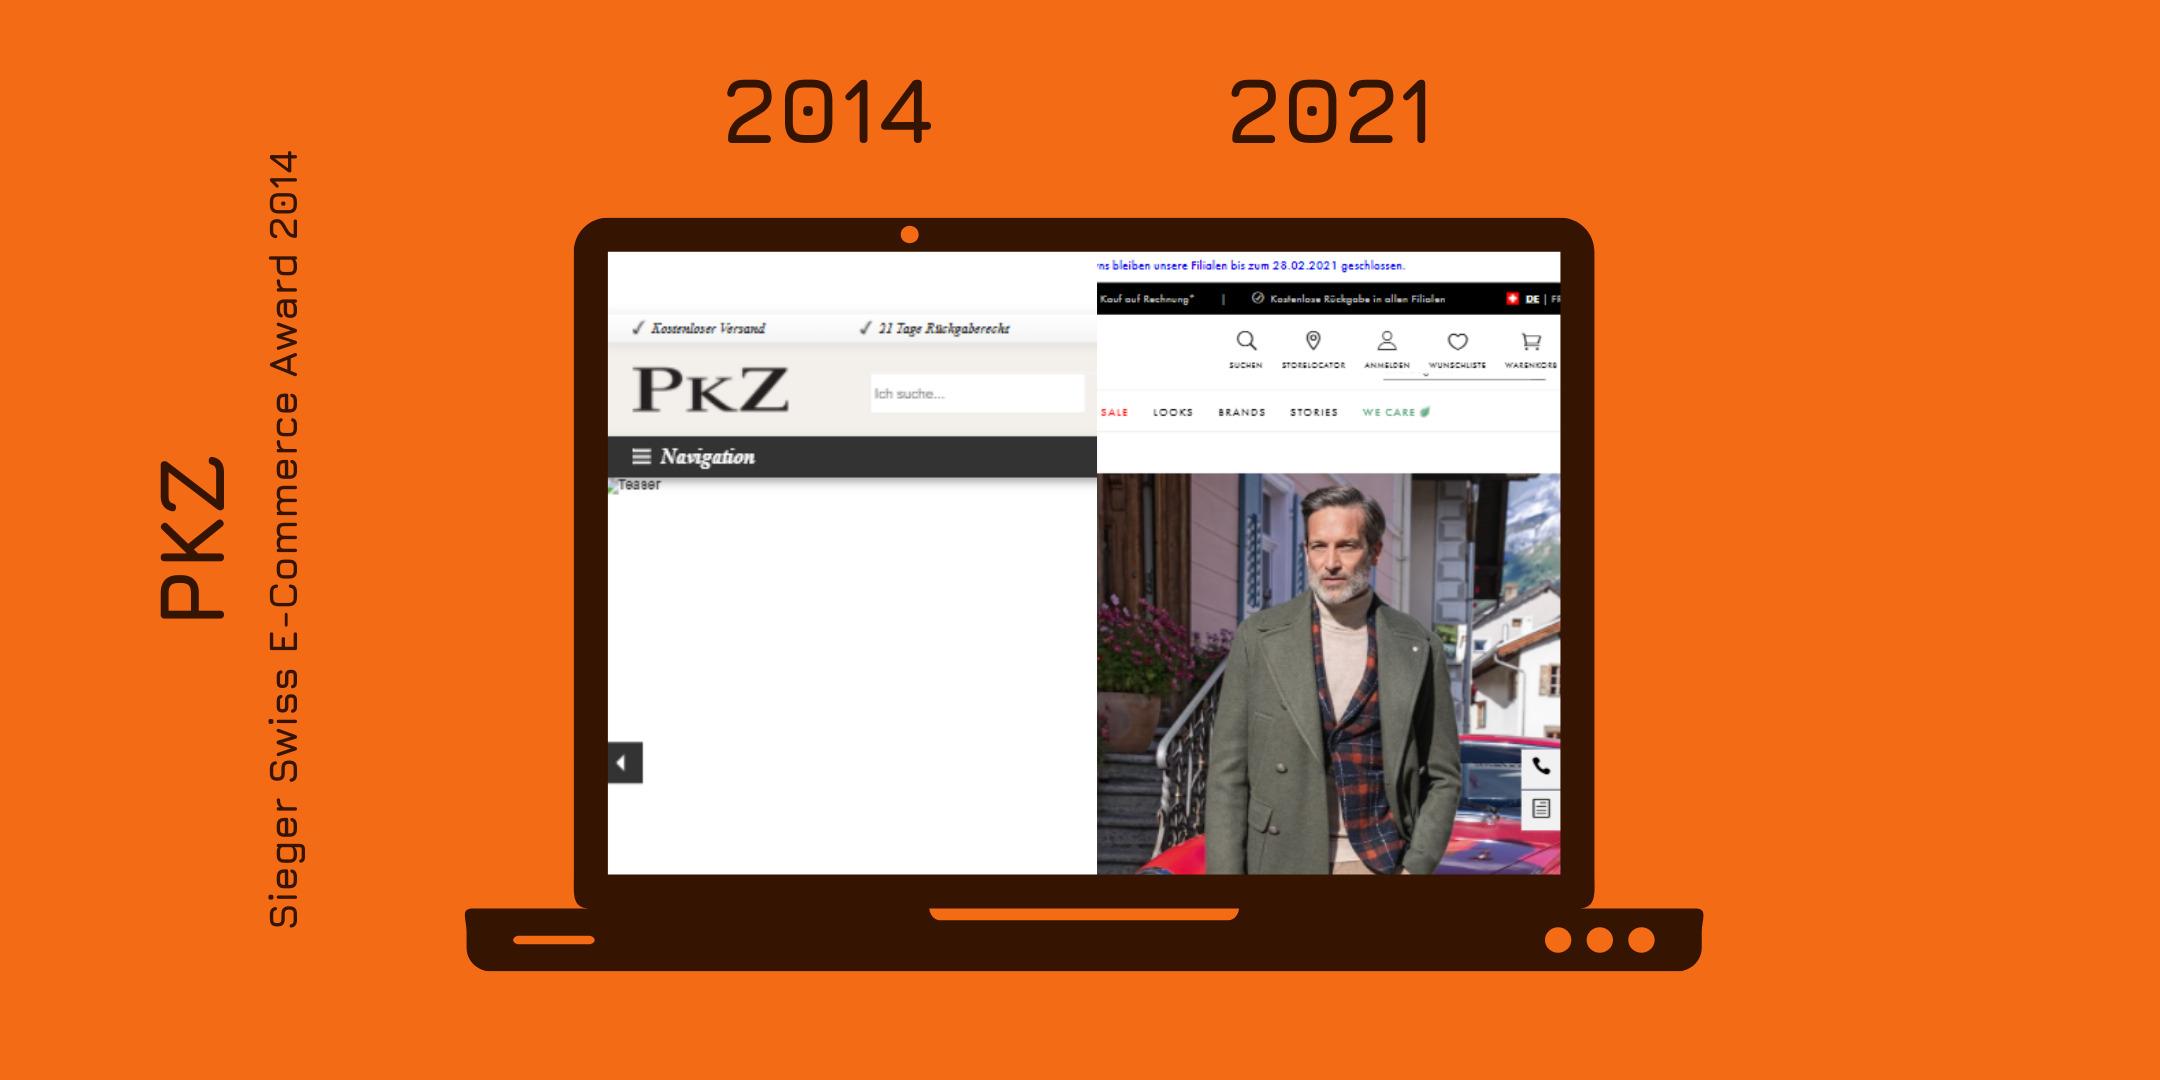 Der Onlineshop von PKZ 2014 und heute gegenübergestellt (wobei die Wayback Machine leider nur einen unvollständigen Screenshot von 2014 hervorbringen konnte).